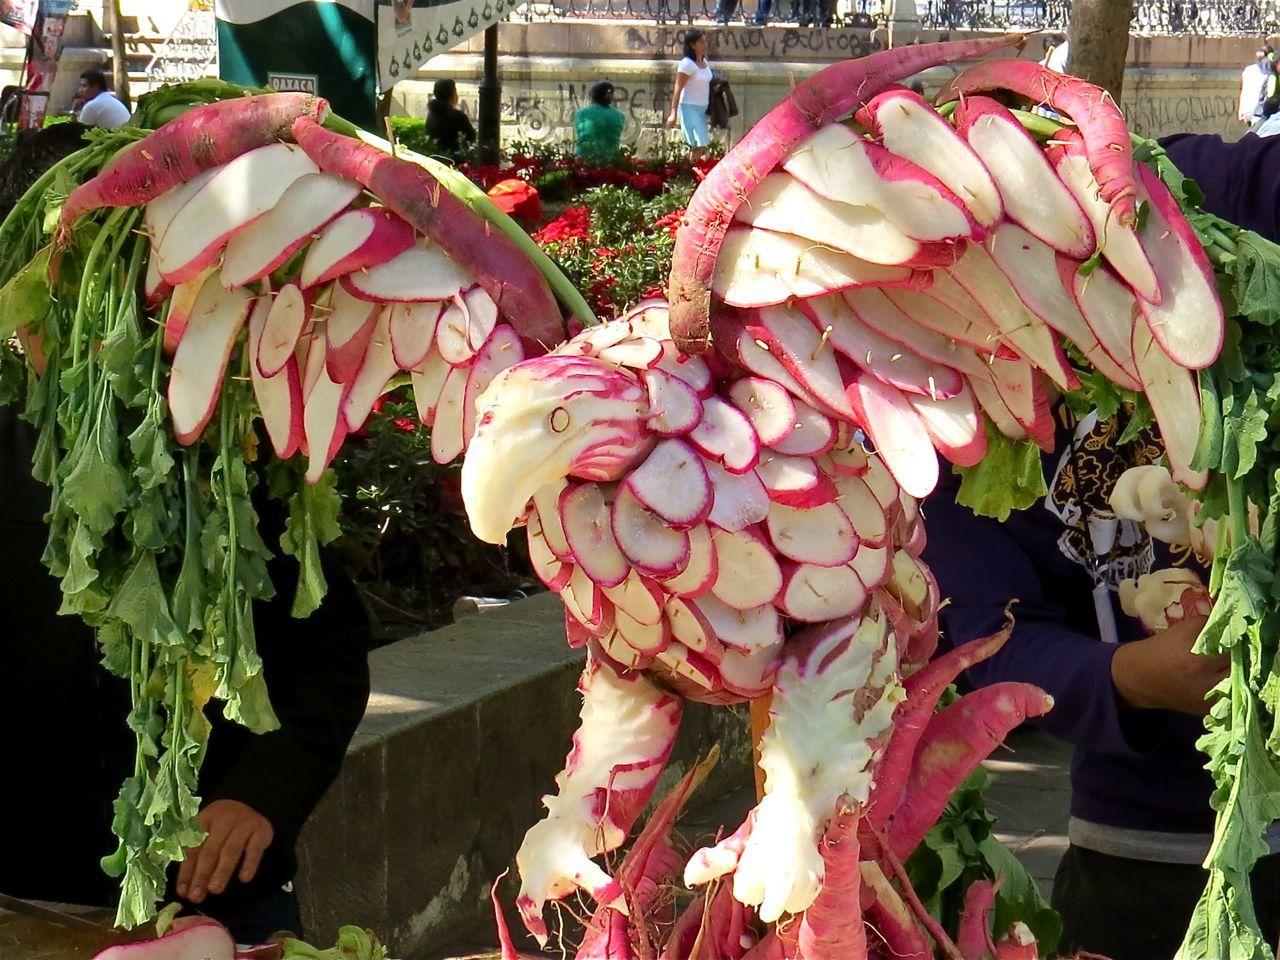 La fête des radis, Fiesta de los rabanos, Oaxaca, Mexique